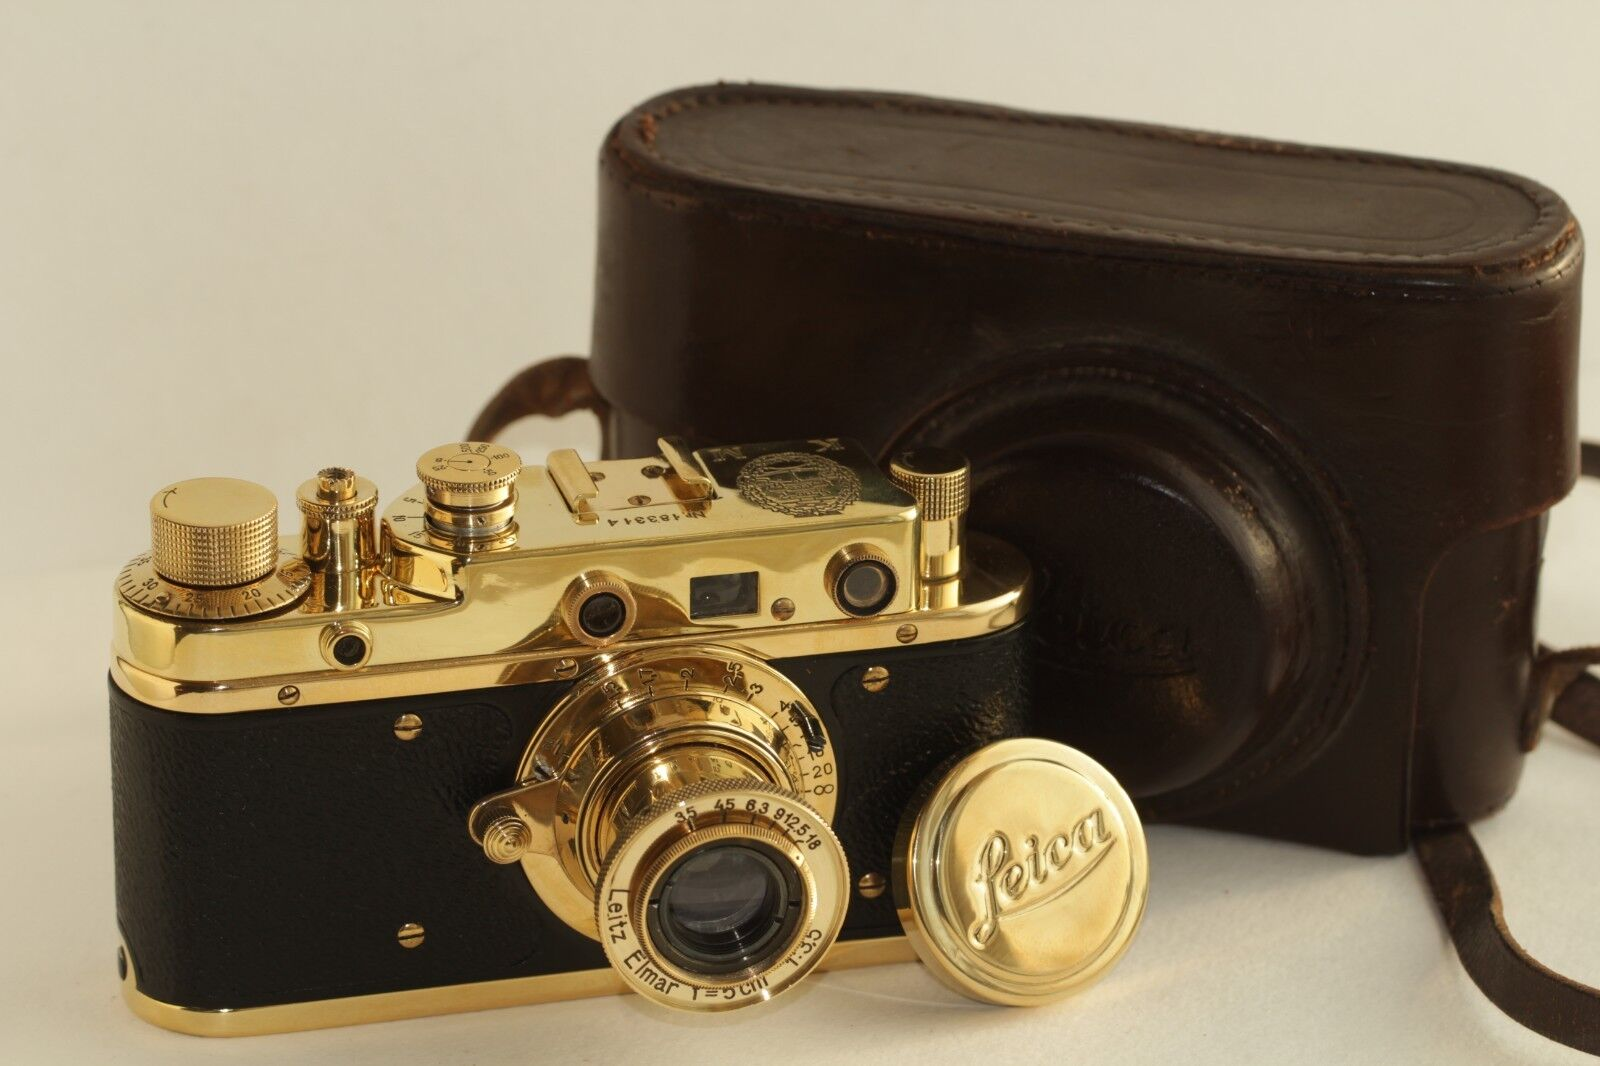 старинный немецкий фотоаппарат оценить подобранный ковер